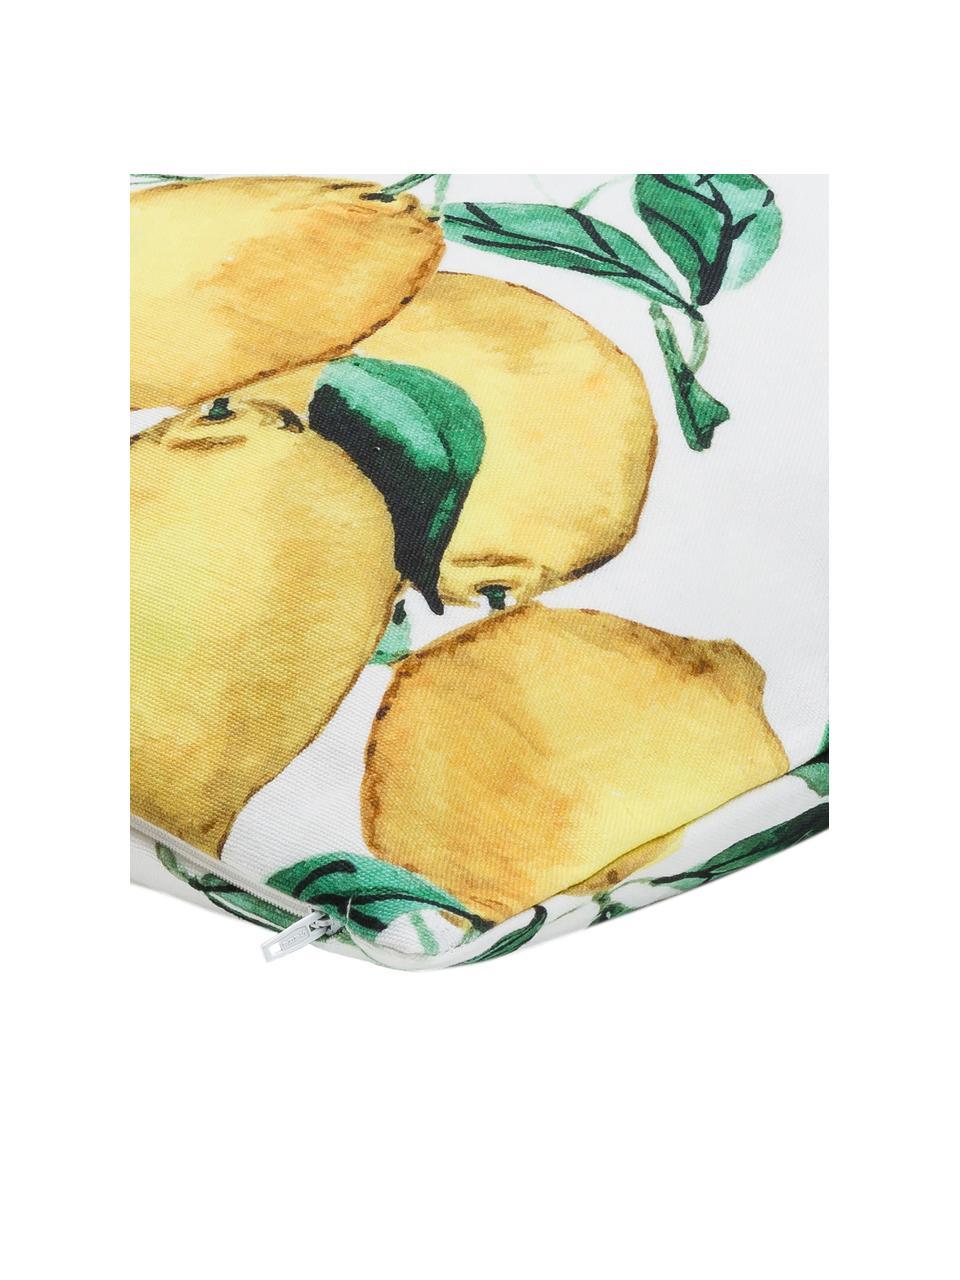 Kissenhülle Citrus mit Zitronen, 100% Baumwolle, Gelb, Grün, Weiß, 40 x 40 cm